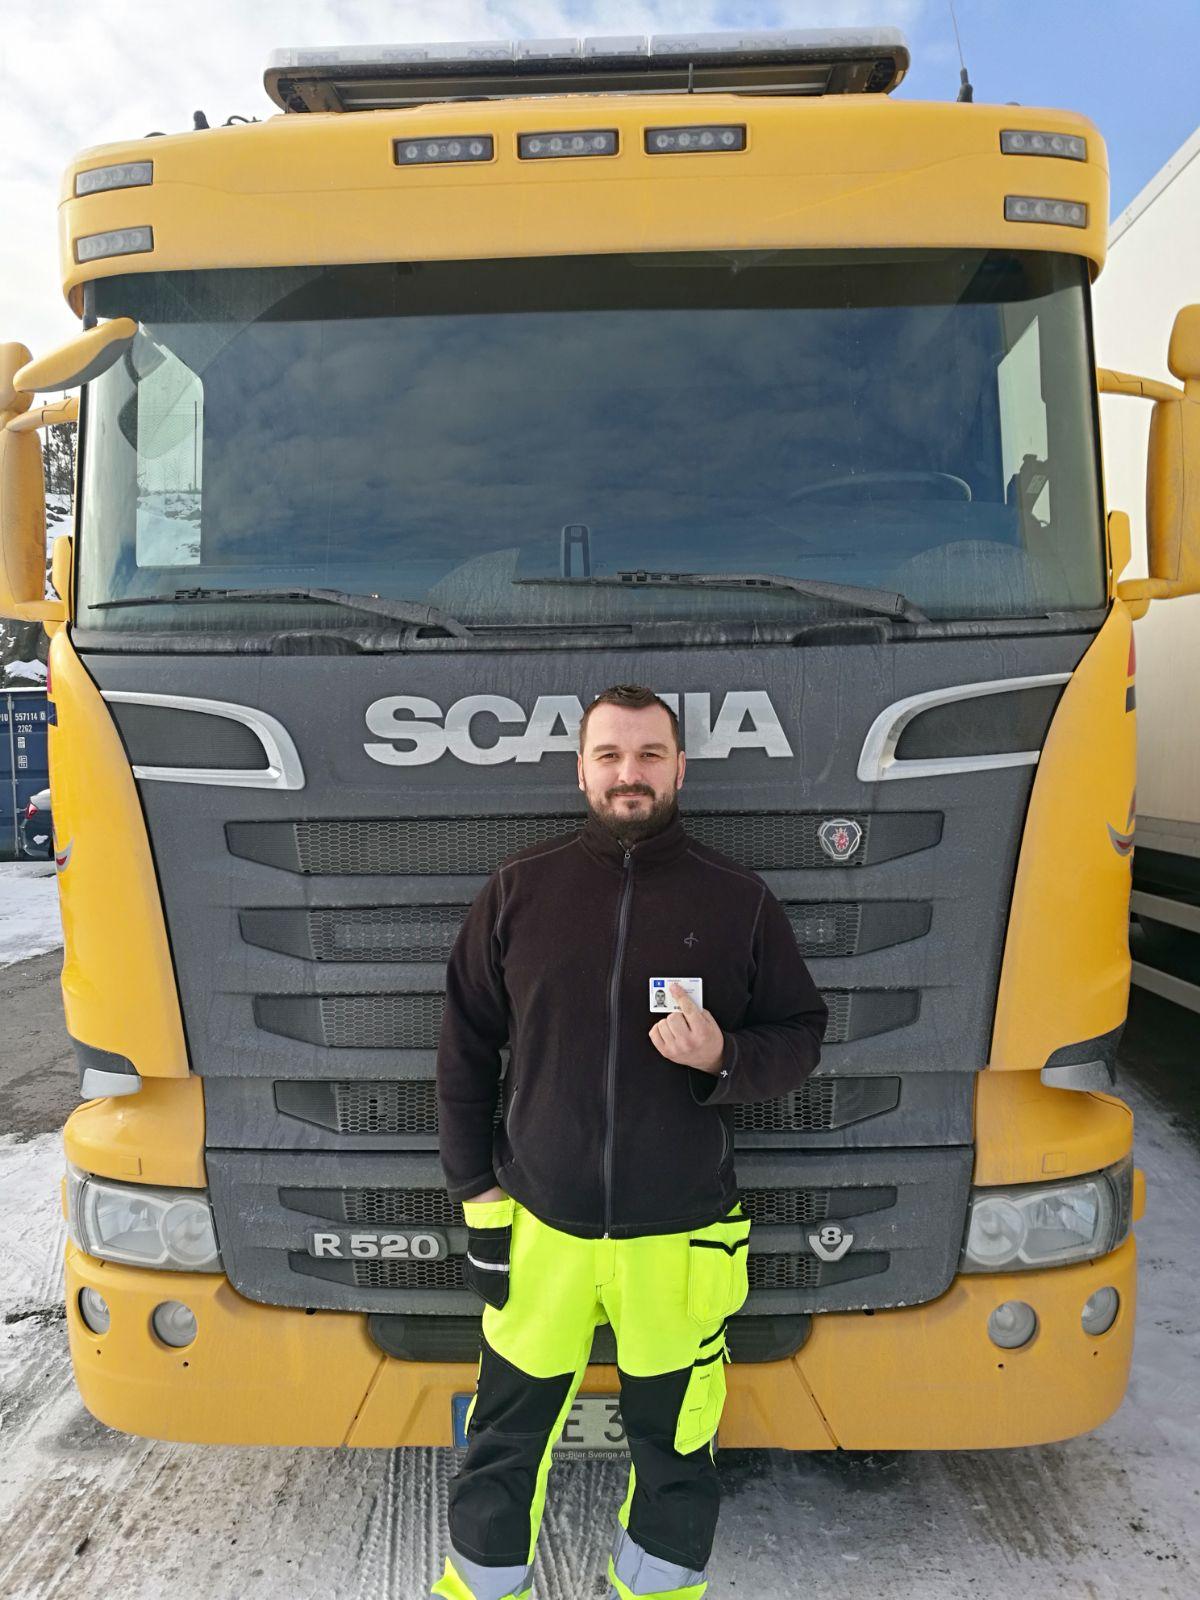 Foto:Dejan Bajic 37 år yrkesförarutbildning lastbil och släp